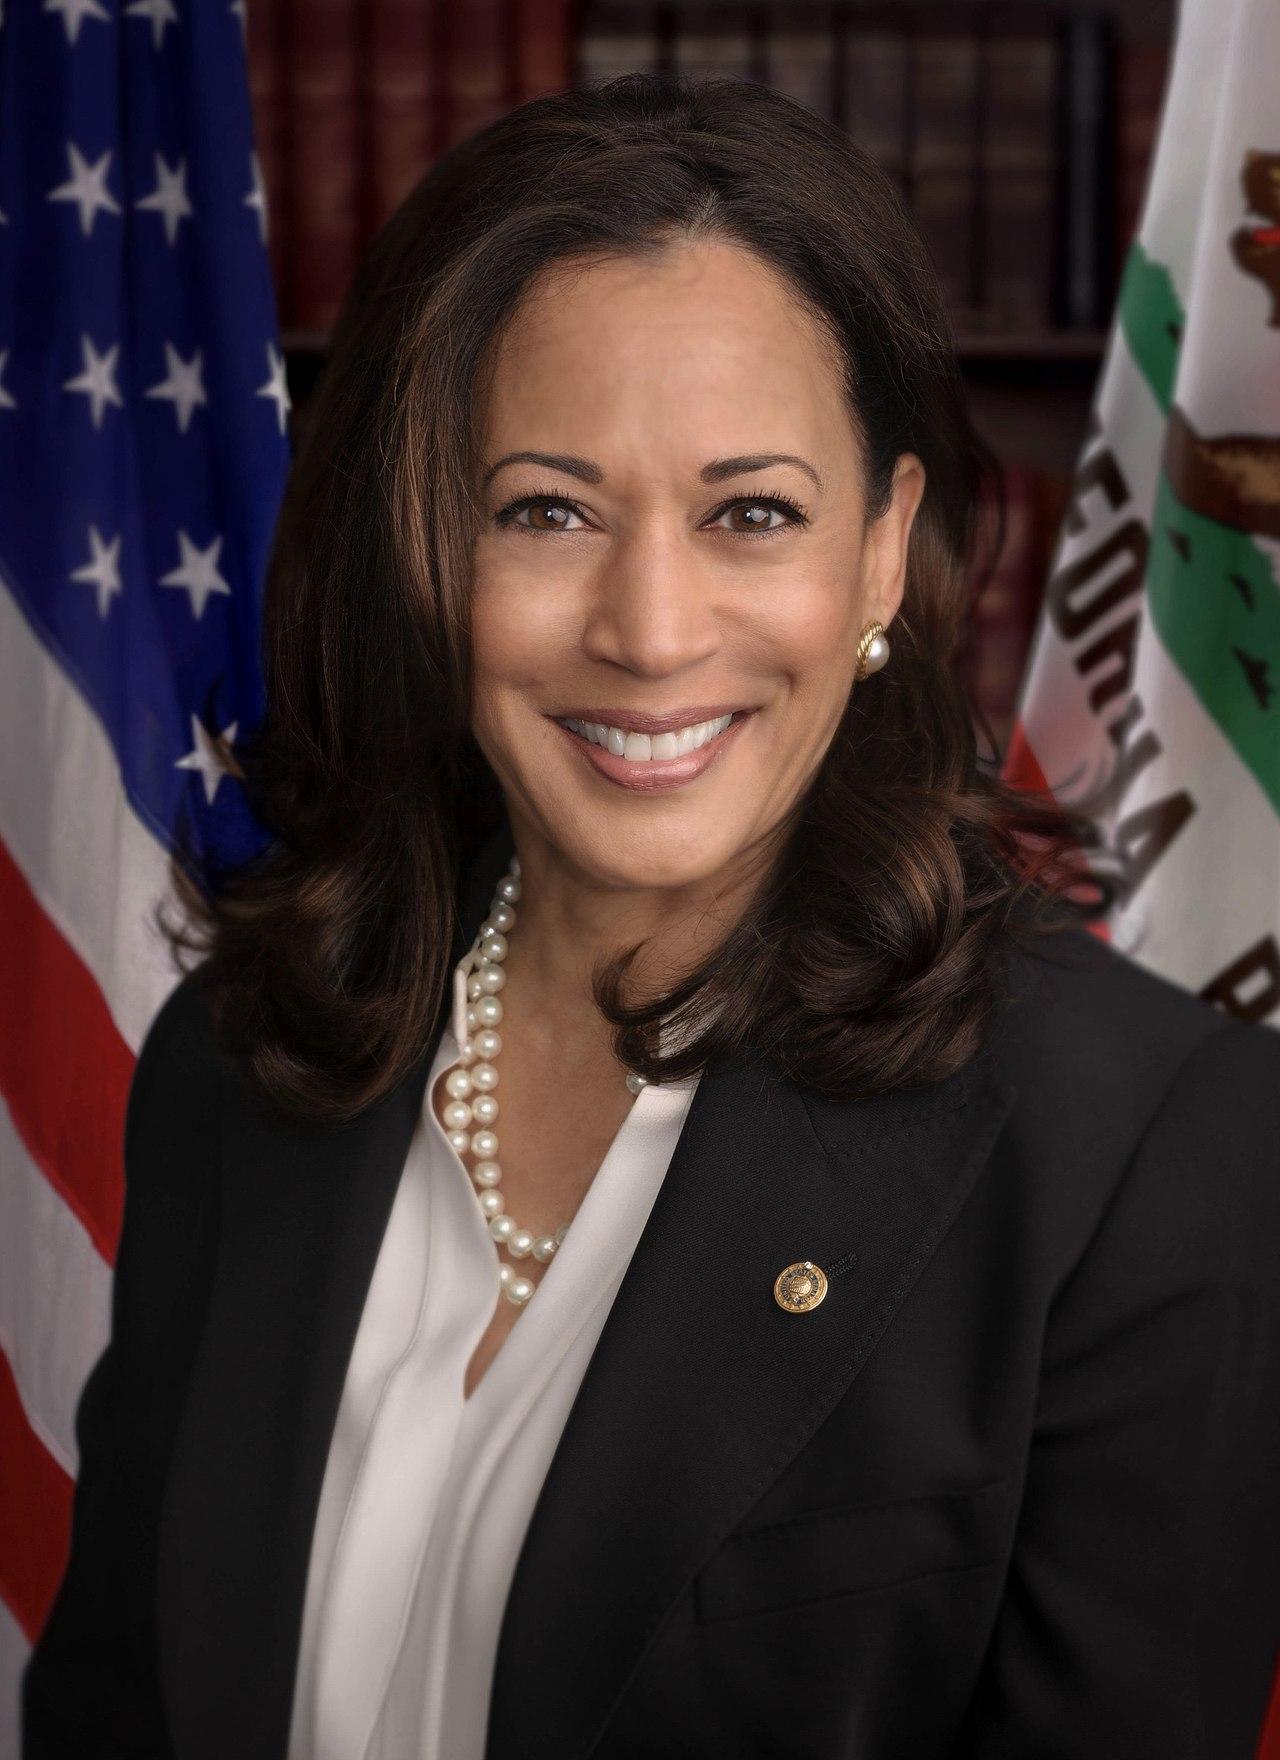 1280px-Senator_Harris_official_senate_portrait-1